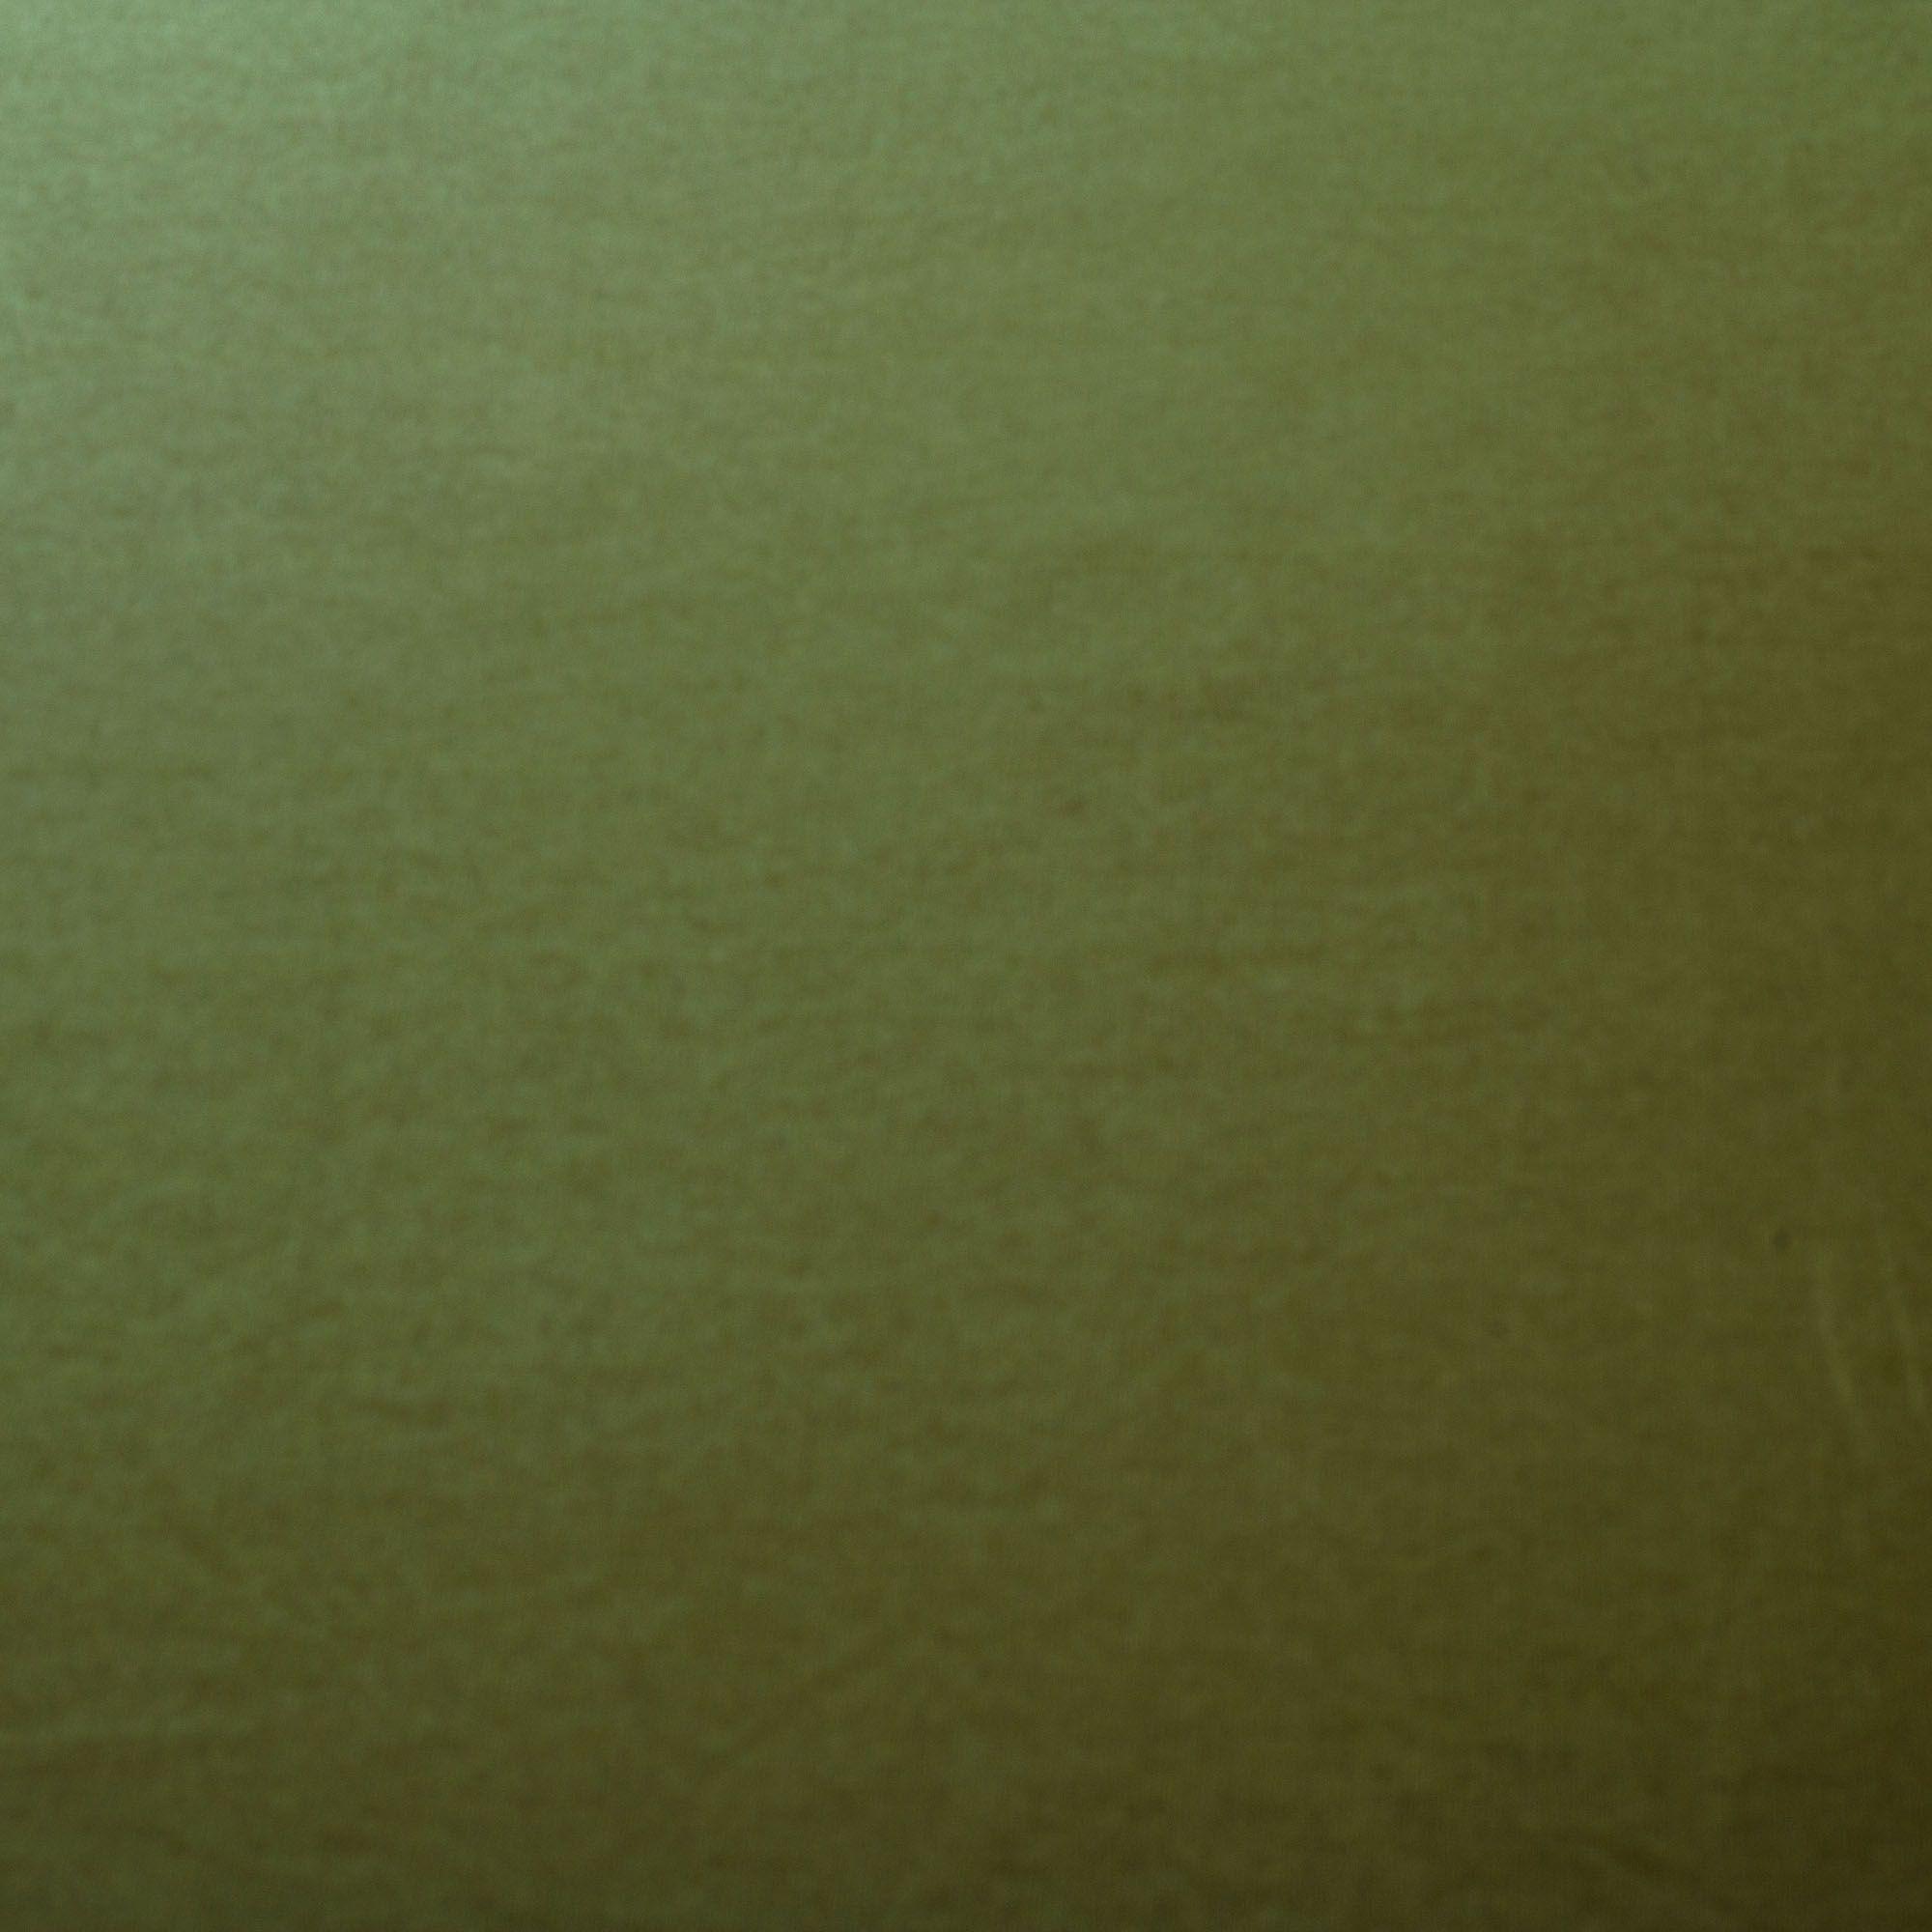 Tecido Malha Helanca Light Verde Exercito 100% Poliester 1,80 mt Largura